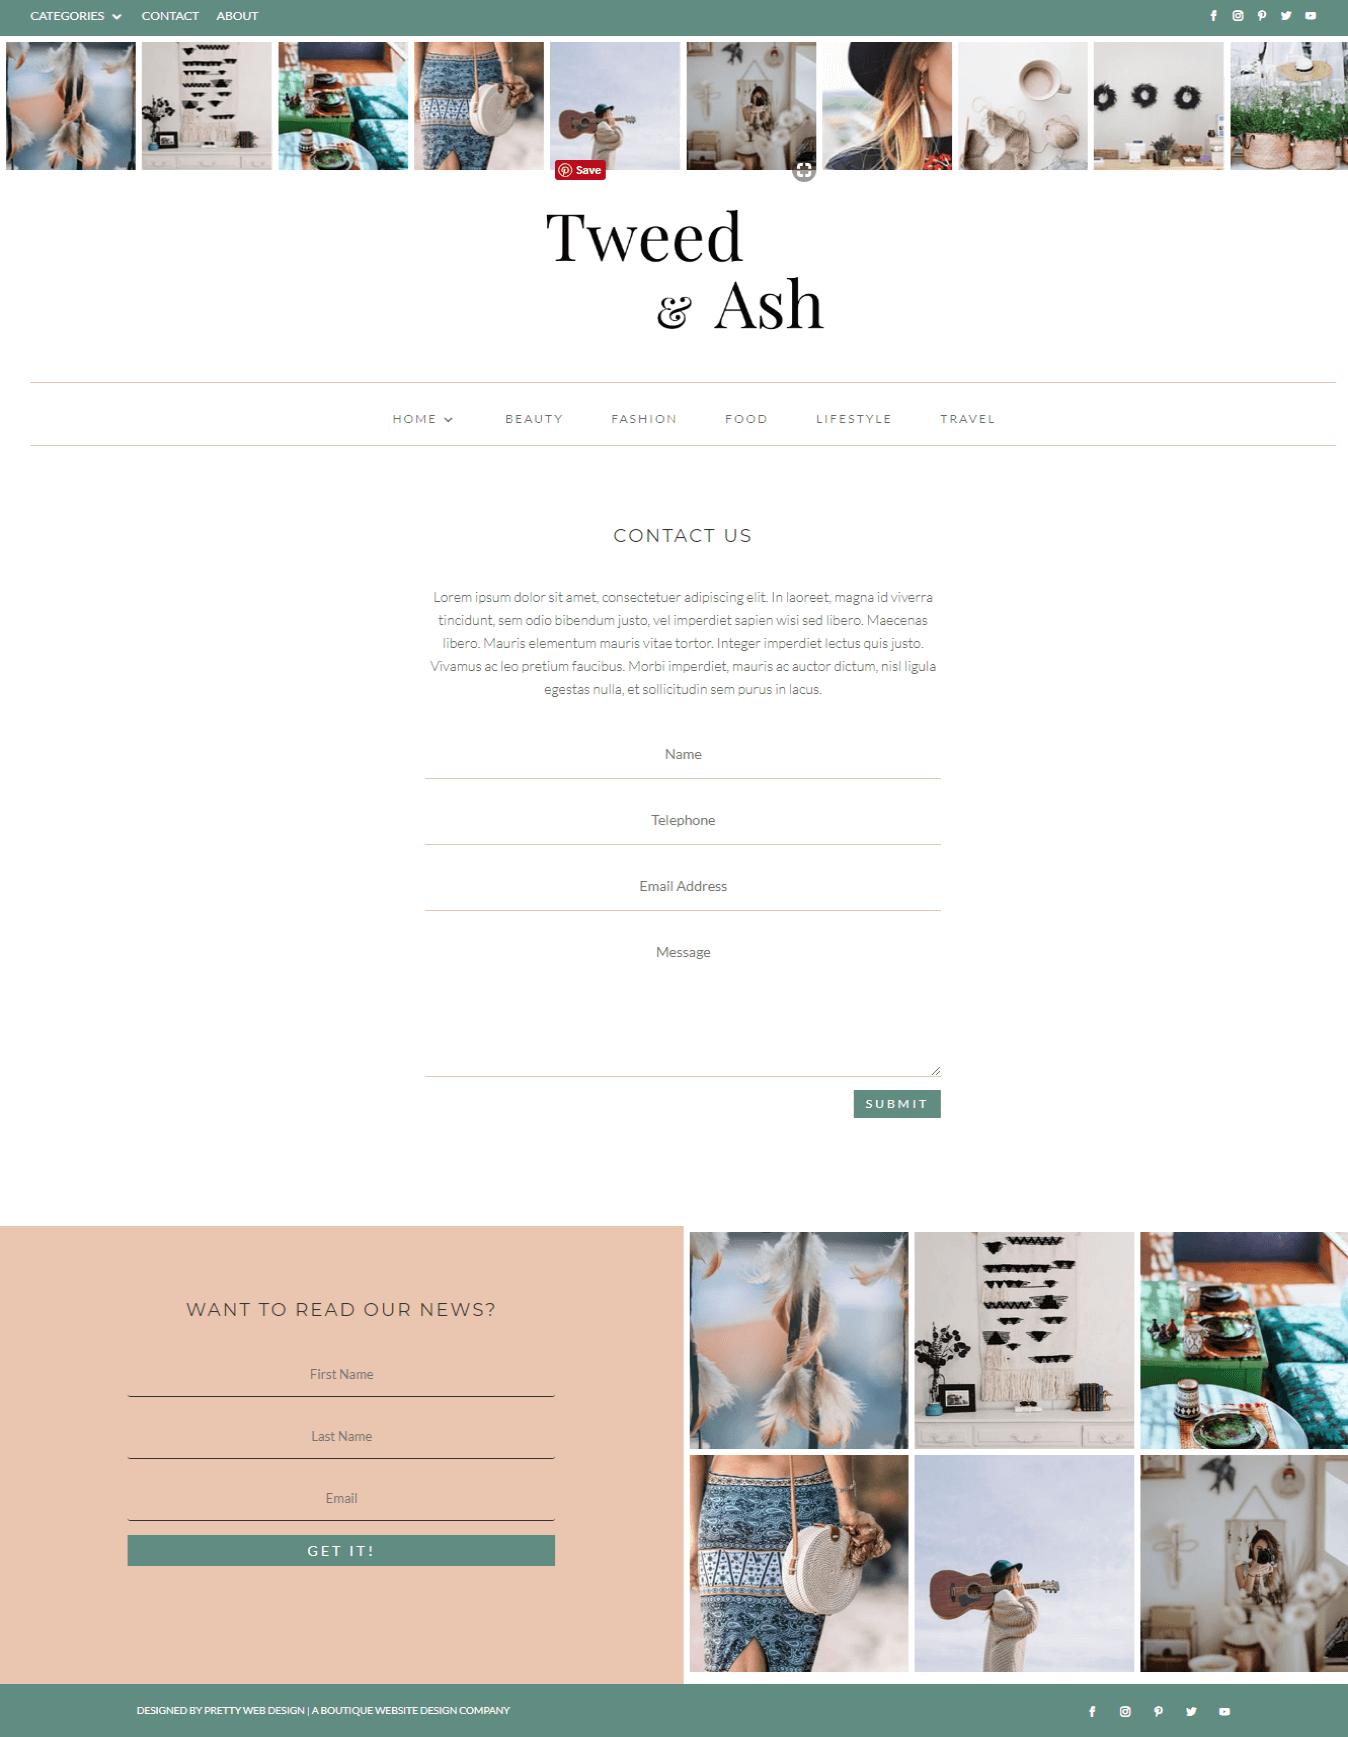 tweed02